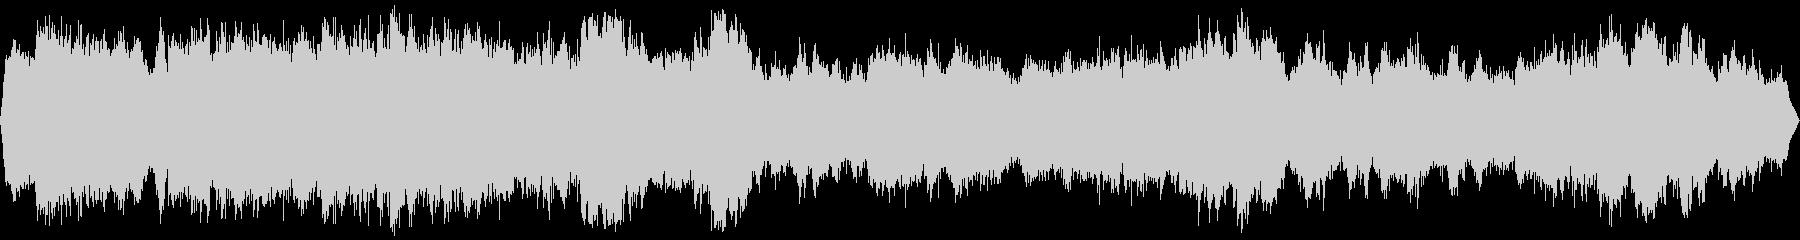 台風-3(21時台)_191012の未再生の波形